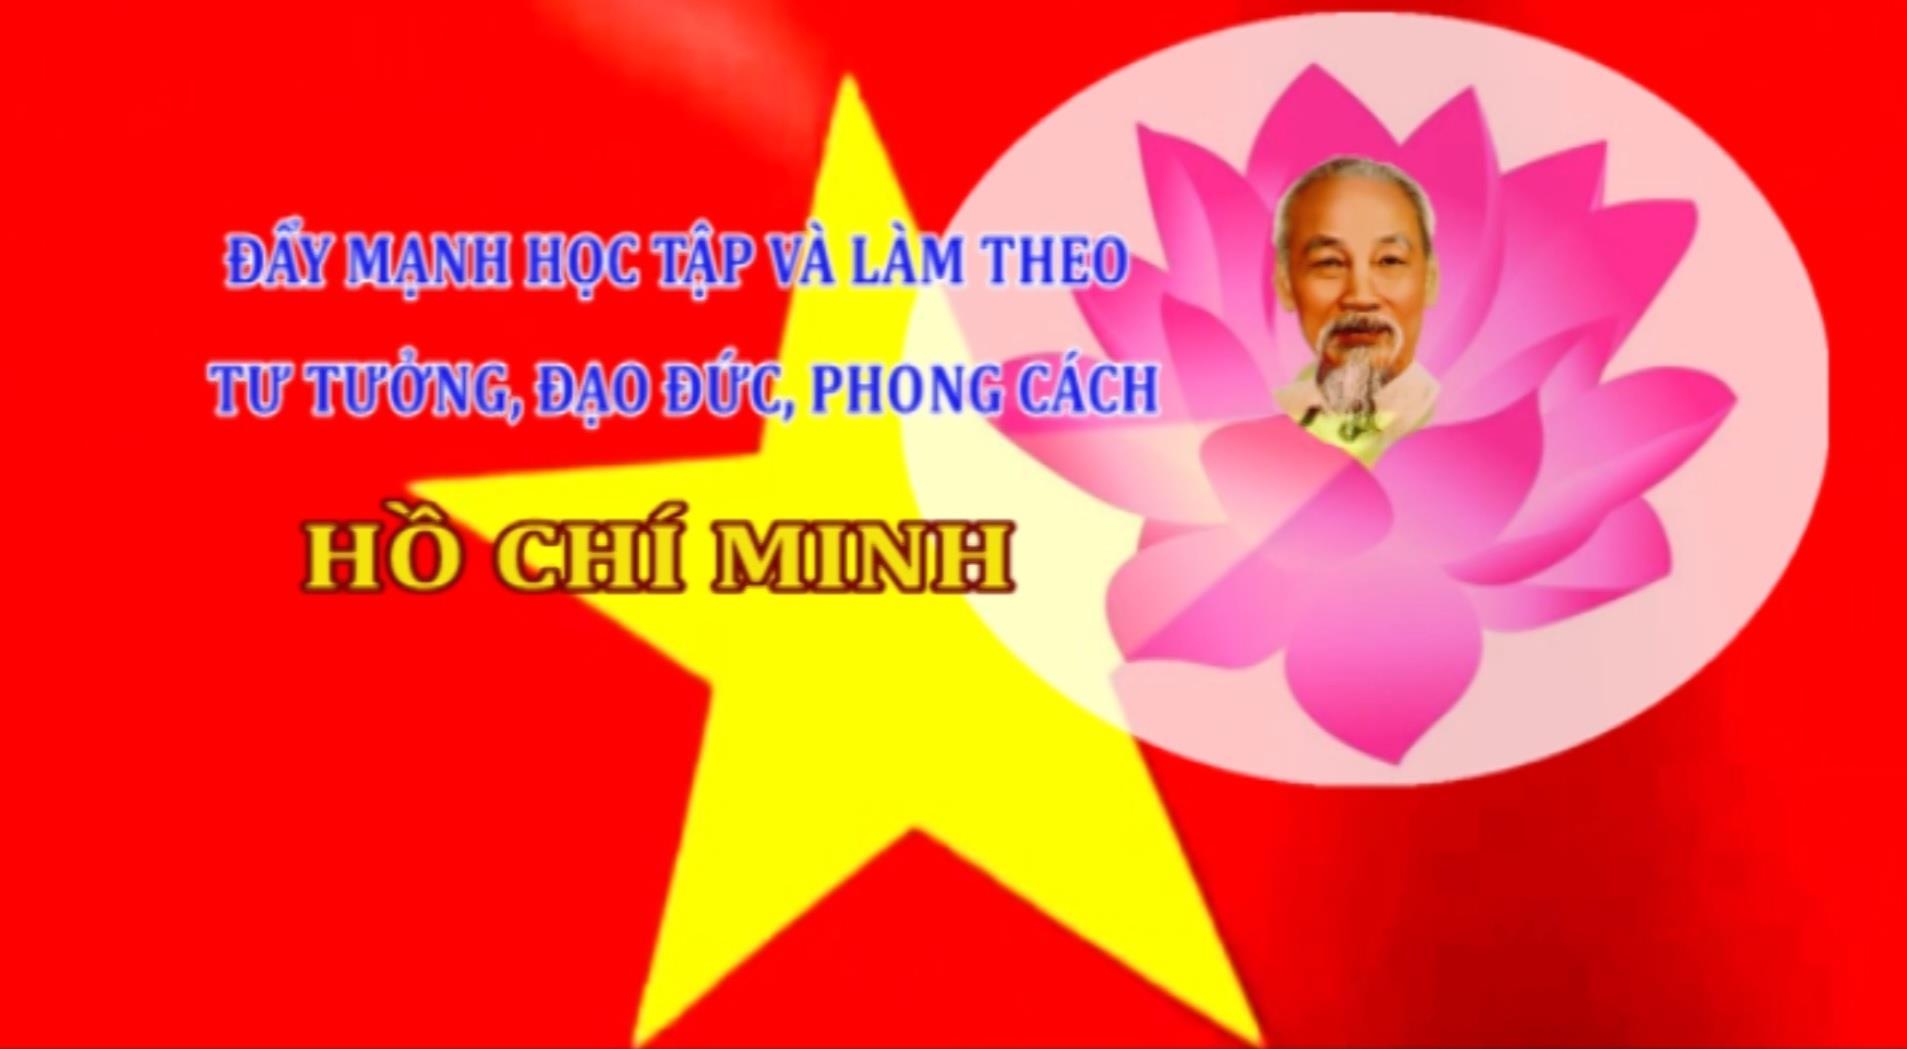 Chuyên mục Học tập và làm theo tư tưởng, đạo đức, phong cách Hồ Chí Minh (ngày 24/01/2021)